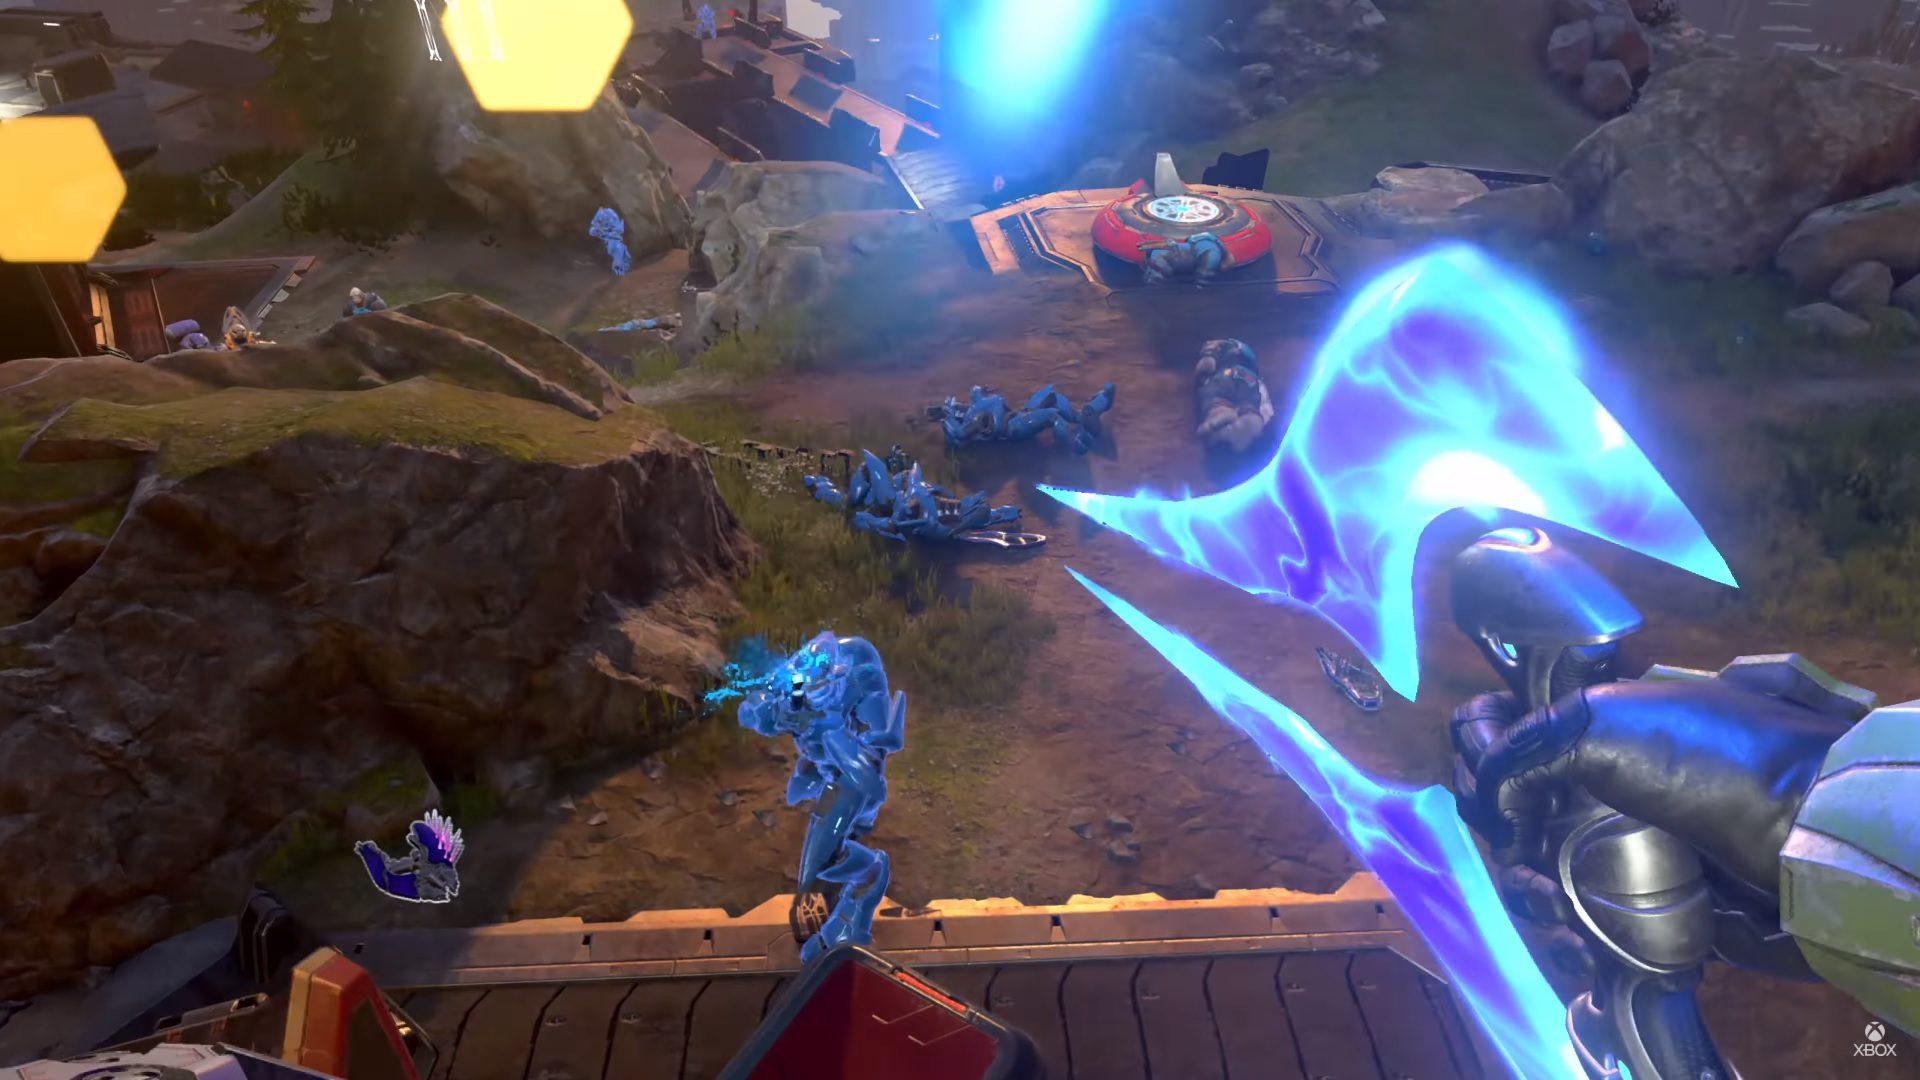 El tráiler gameplay de Halo Infinite muestra detalles no vistos en la demo completa